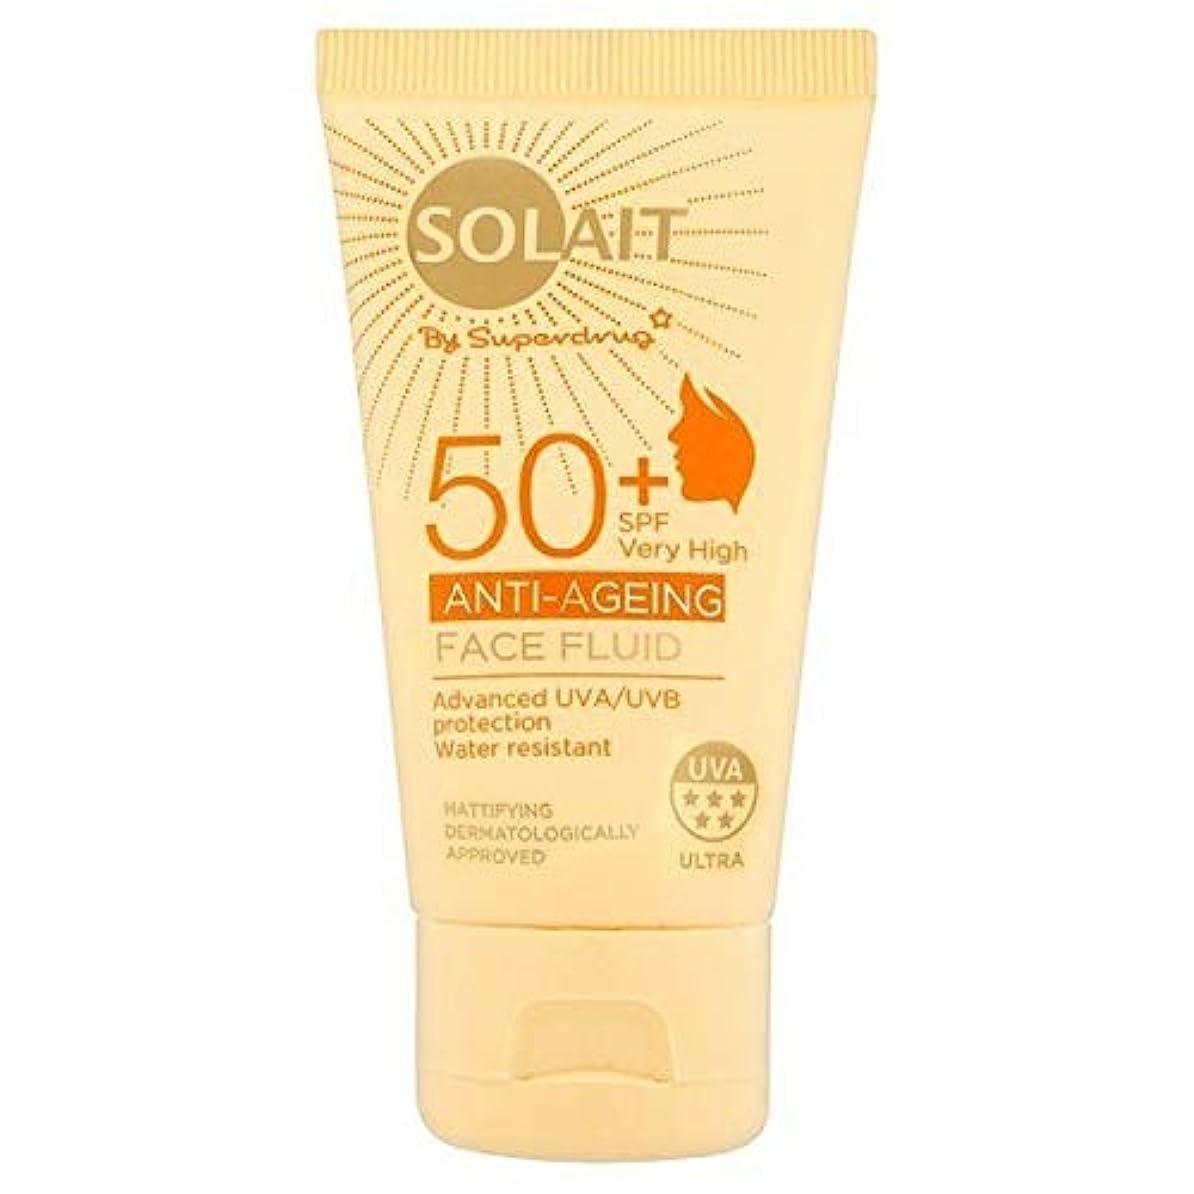 壊れたコンテンツ皮肉[Solait] Solait顔日クリームSpf50液の50ミリリットル - Solait Face Sun Cream Fluid SPF50 50ml [並行輸入品]